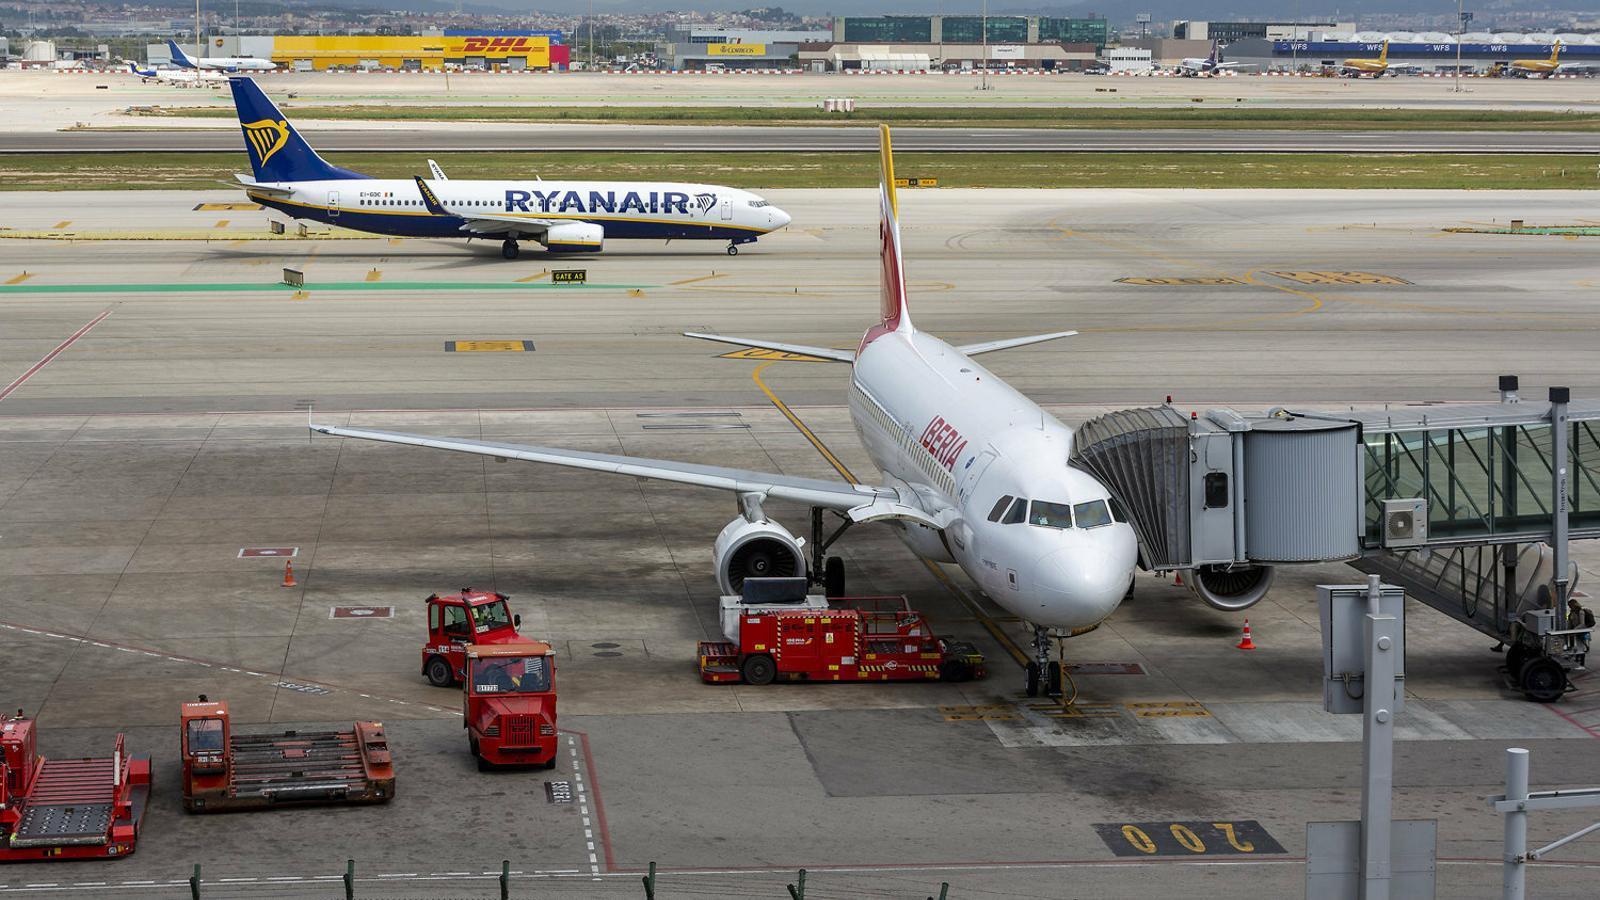 Les aerolínies no estan obligades a pagar compensacions addicionals pels vols cancel·lats pel coronavirus